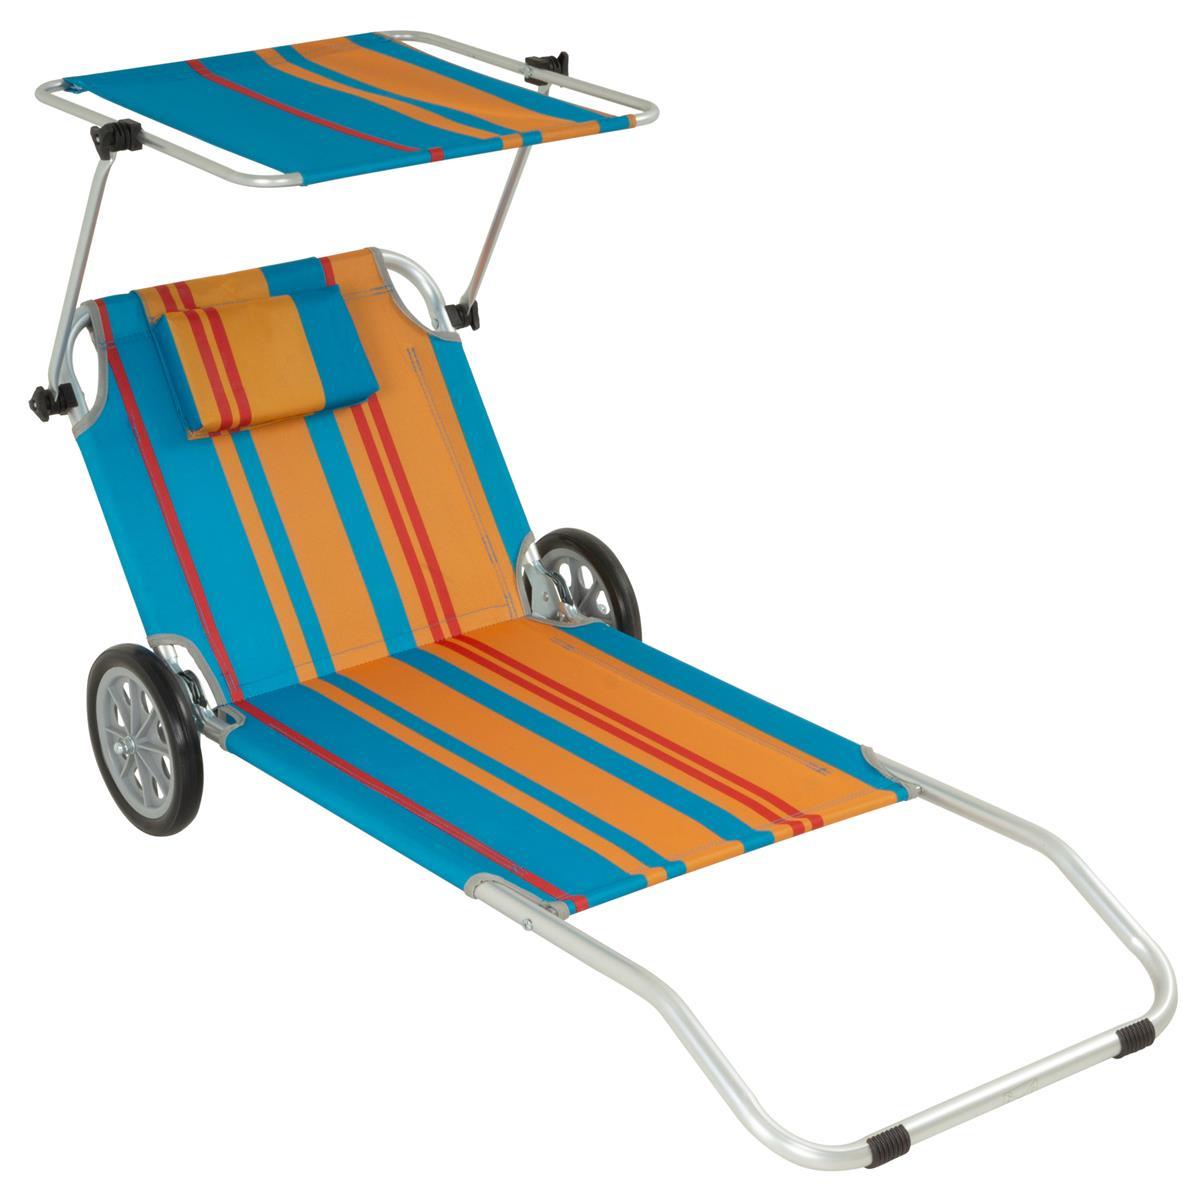 Strandliege Sonnenliege Transportliege Gartenliege mit Räder und Sonnendach bunt